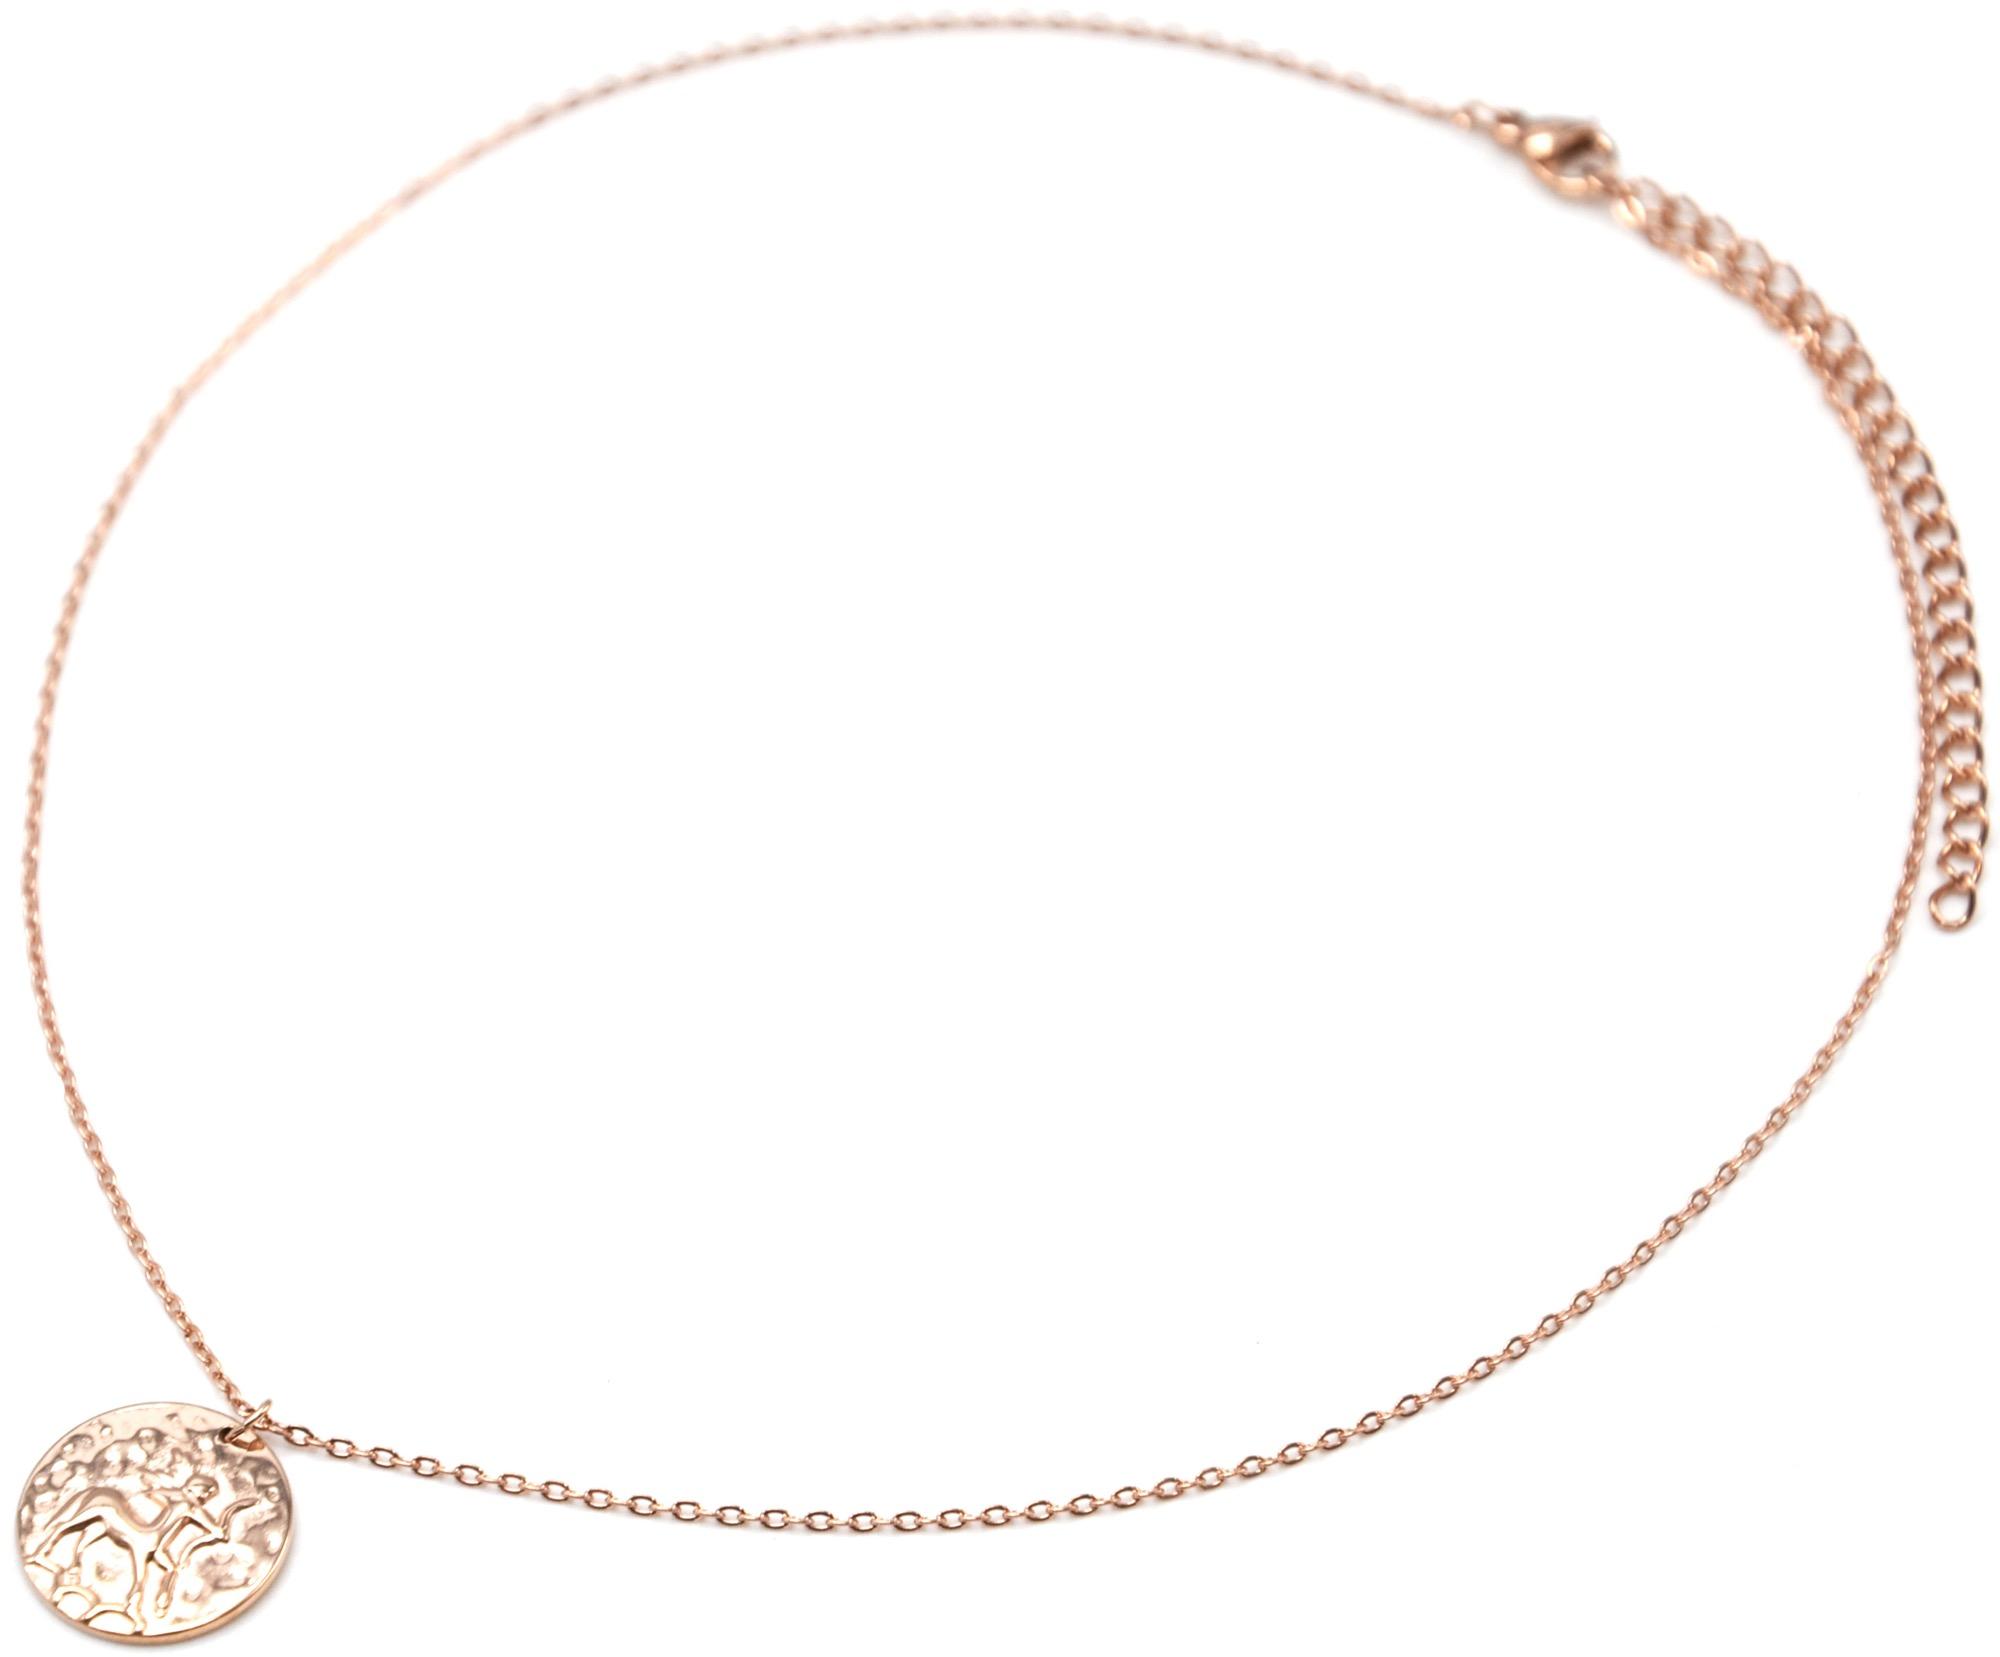 Sagittaire Chaîne Collier Or Fine Pendentif Cc2466f Médaille Signe Zodiaque Rose Acier Avec Pkw08nO